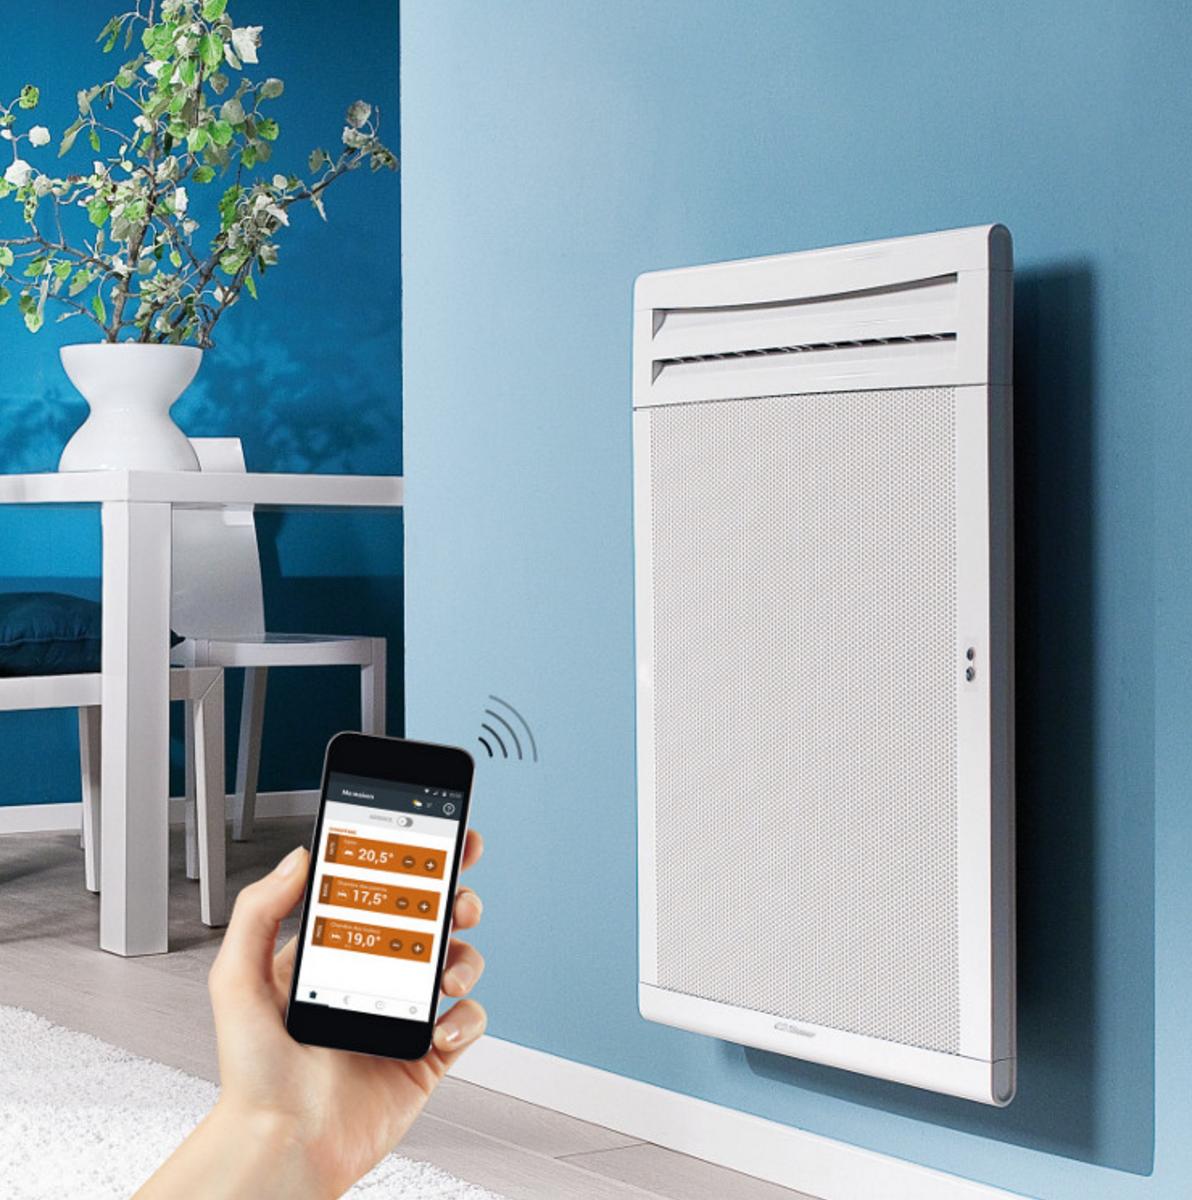 offre thermor passez aux radiateurs connect s jusqu au 31 d cembre votre bridge cozytouch. Black Bedroom Furniture Sets. Home Design Ideas